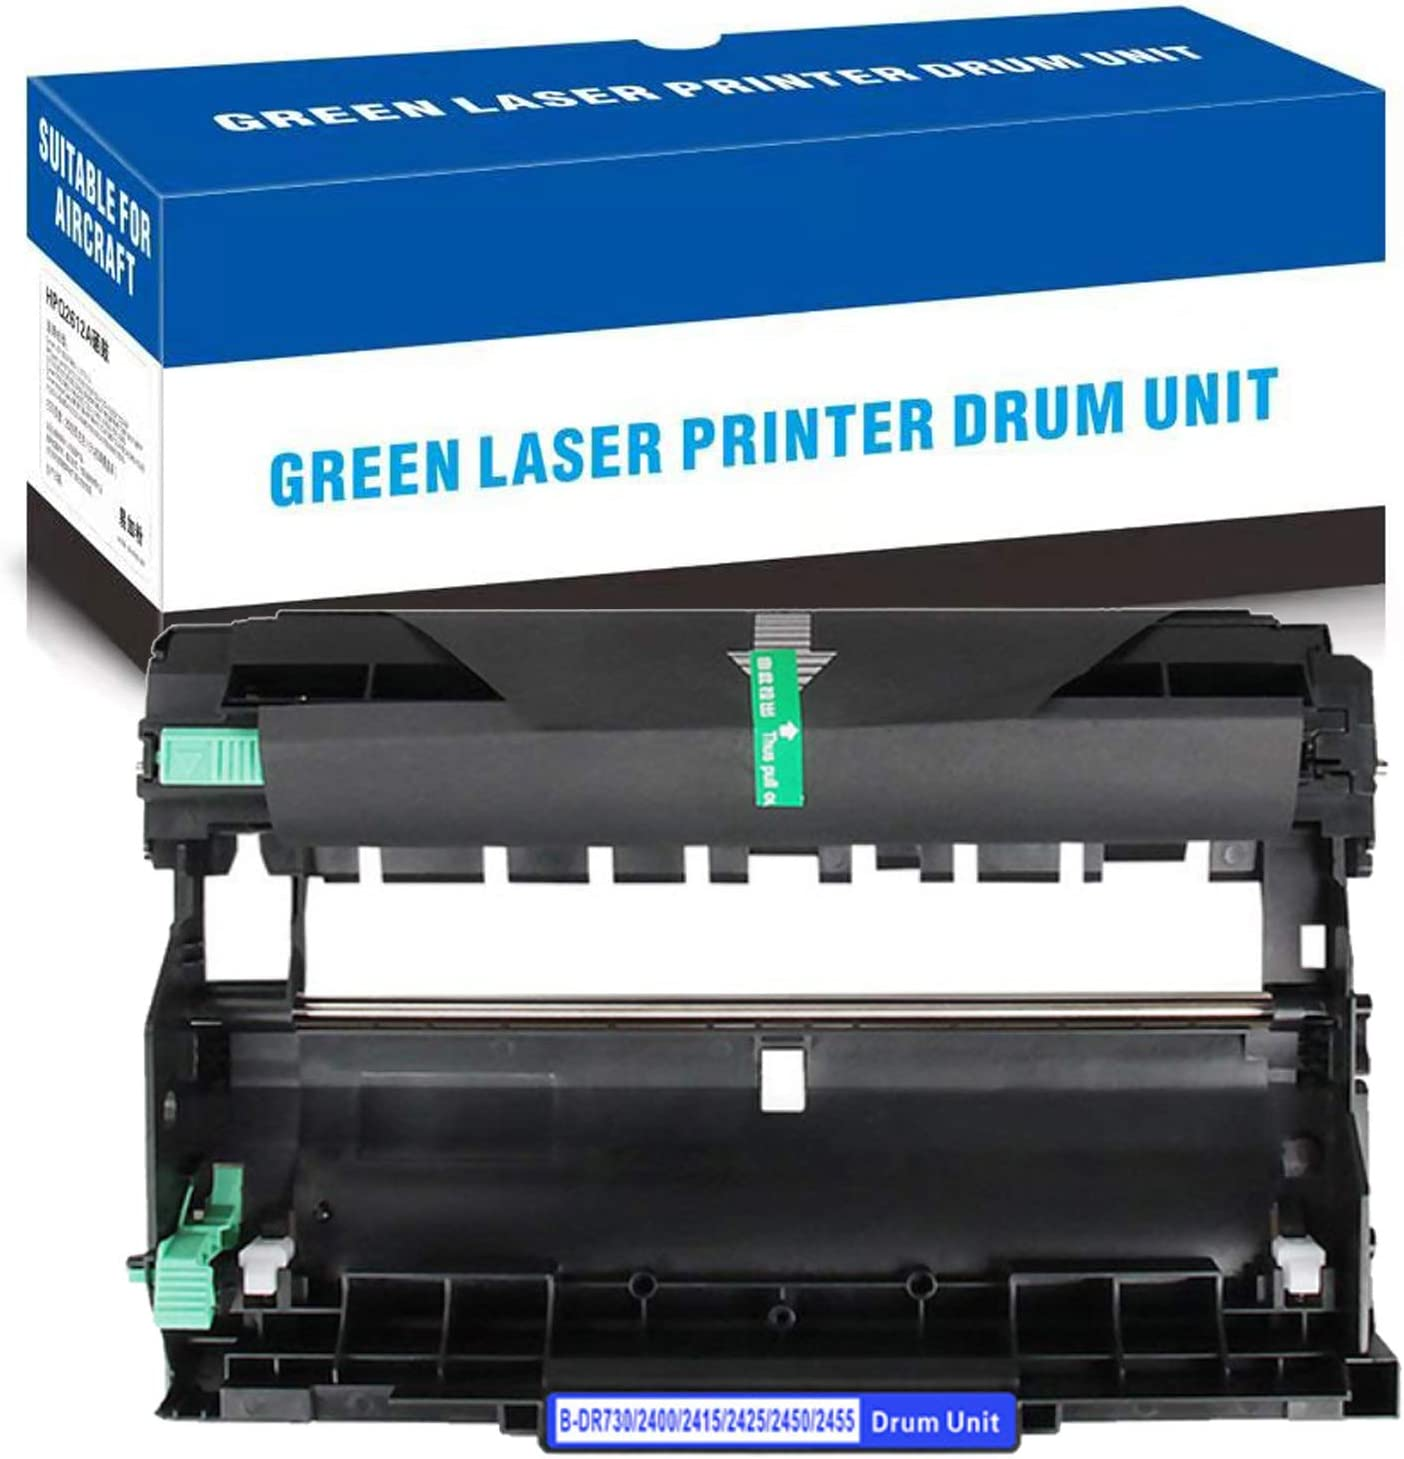 CUXU Compatible with Brother DR-730 Drum Unit Replacement, Suitable for DCP-L2550DW, HL-L2350DW/L2370DW/L2370DW XL/L2390DW/L2395DW, MFC-L2710DW/L2750DW/L2750DW